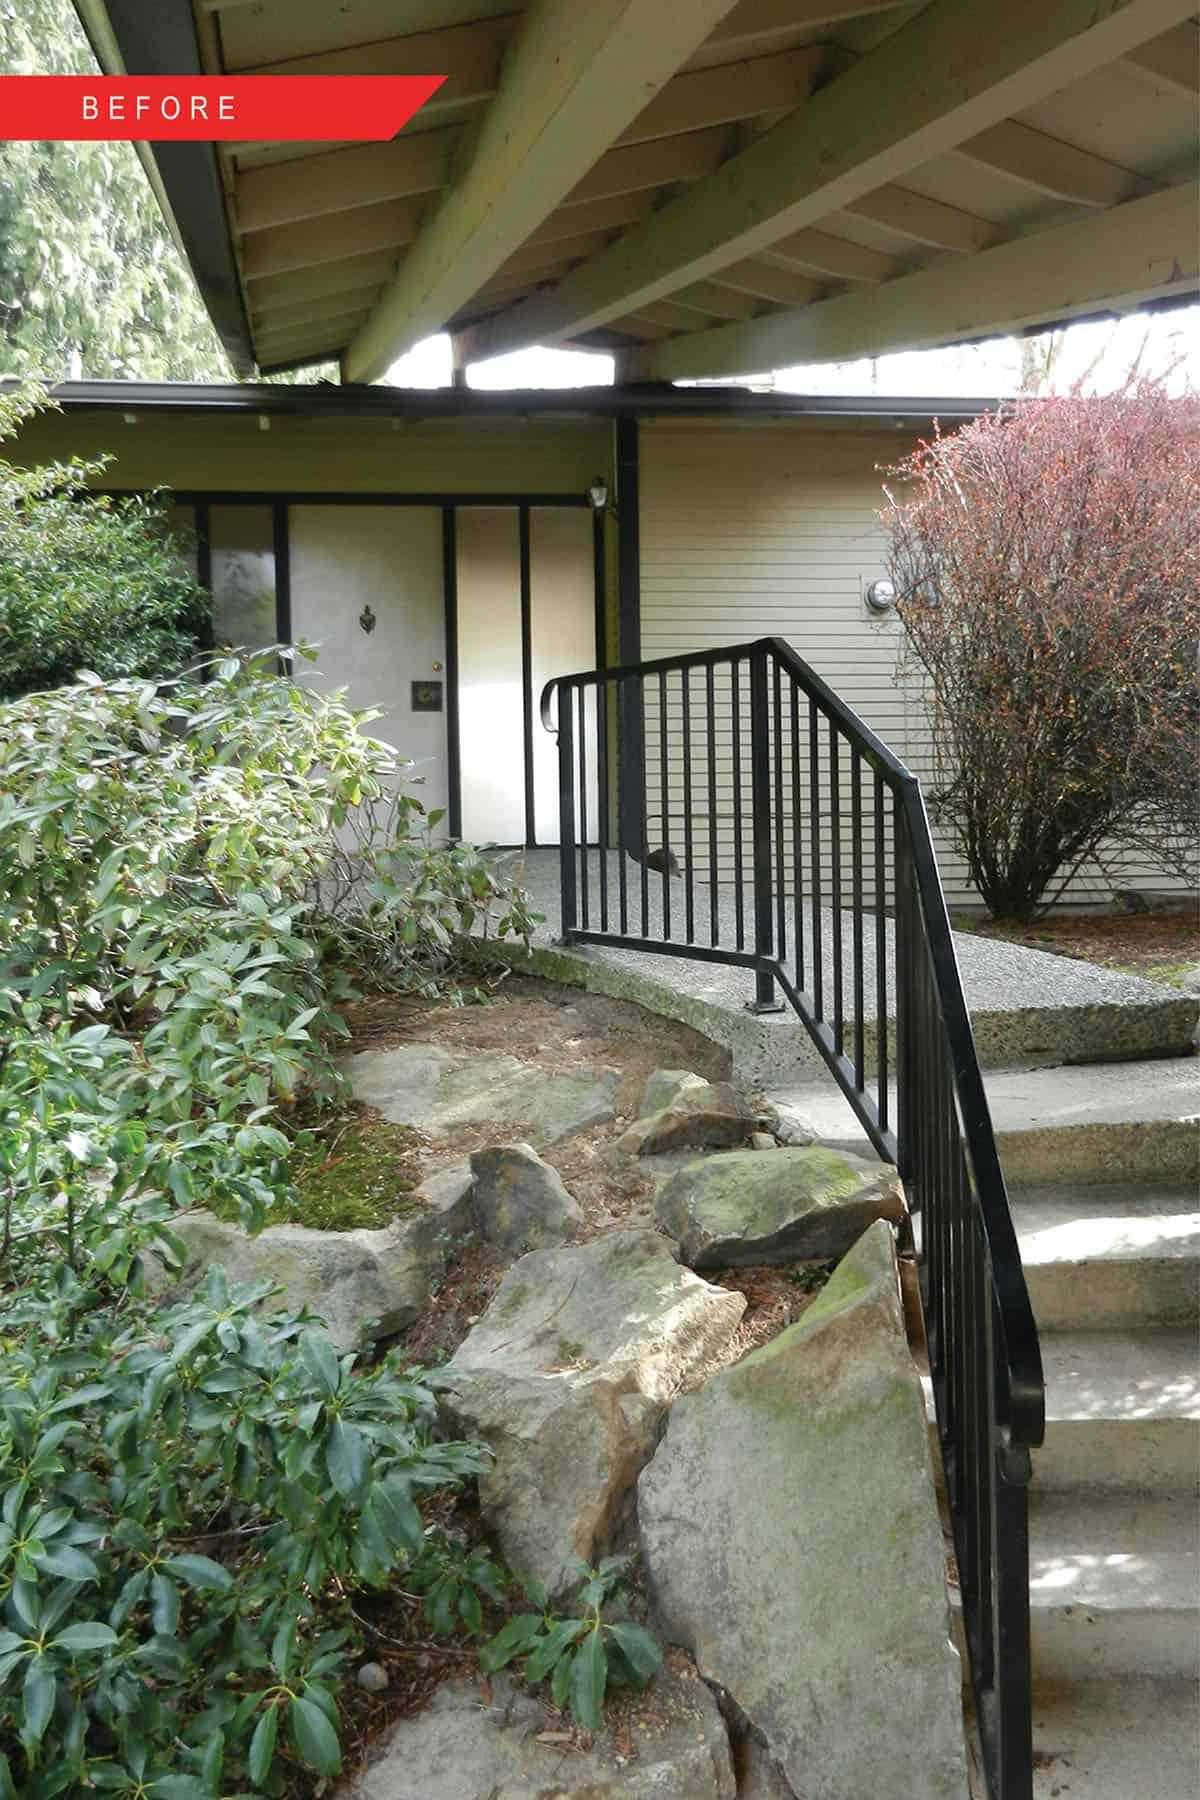 mi-siècle-maison-moderne-extérieur-avant-rénovation